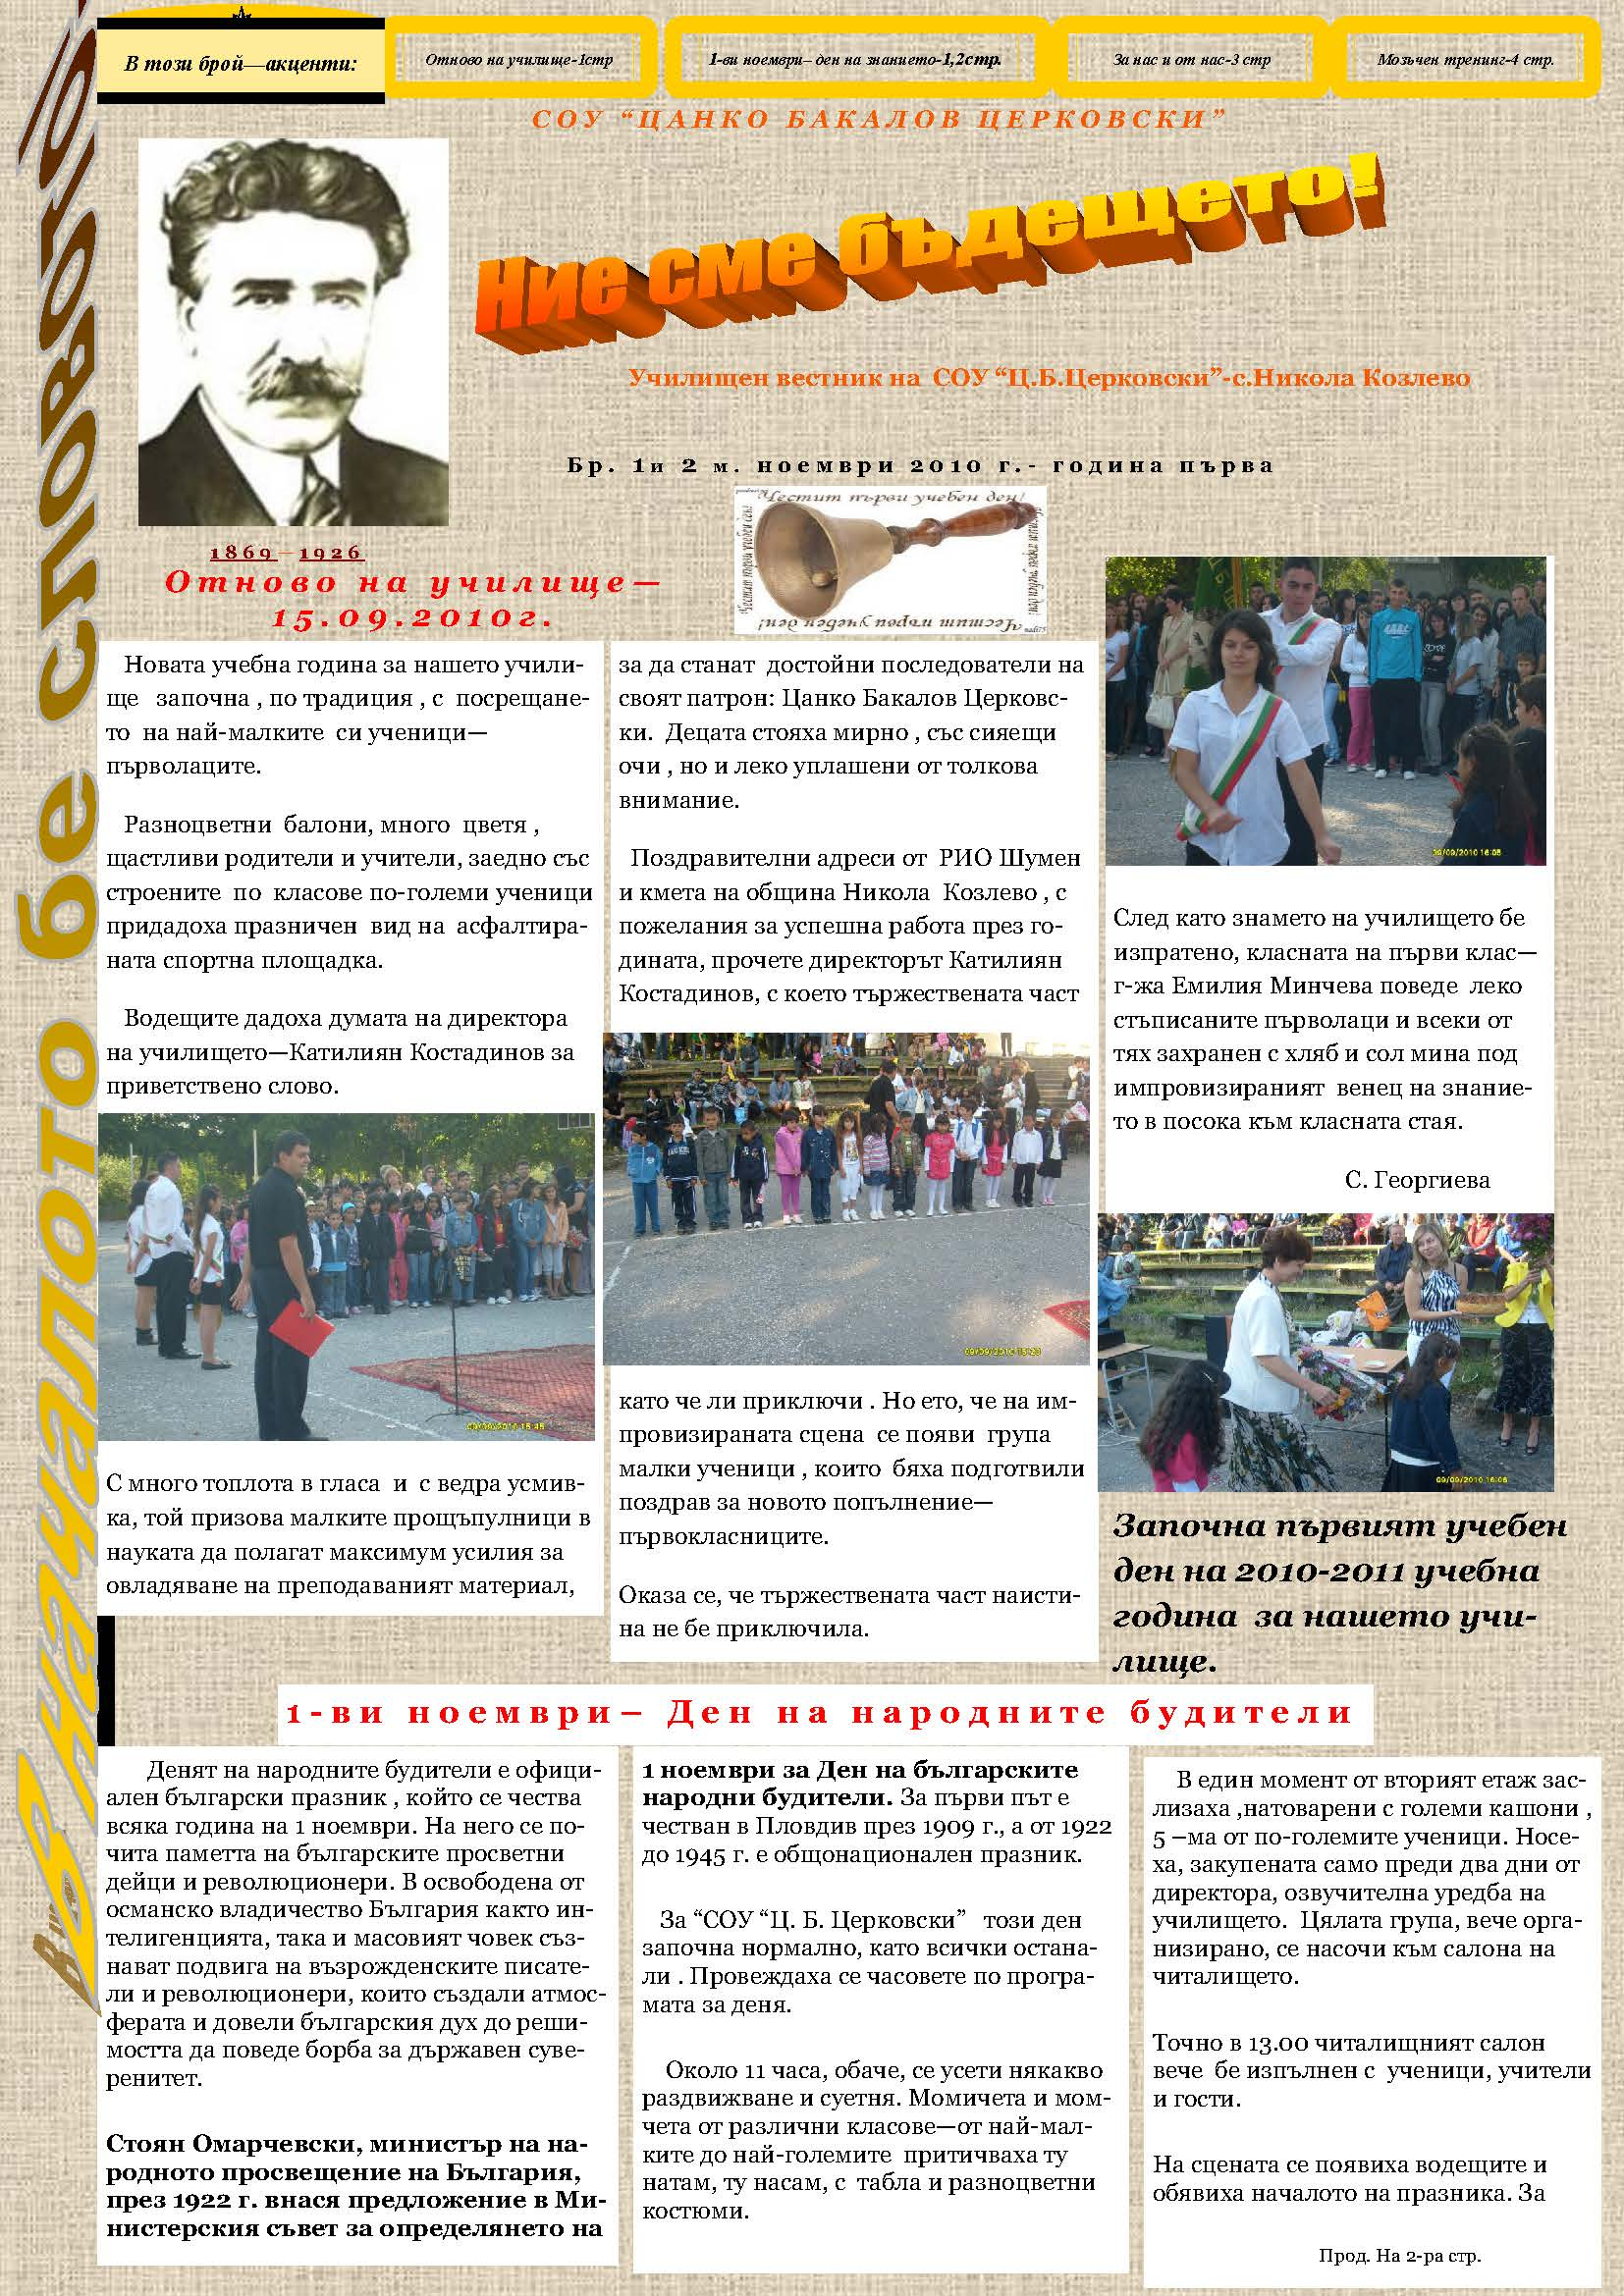 вестник-стр1за 2010_Страница_1